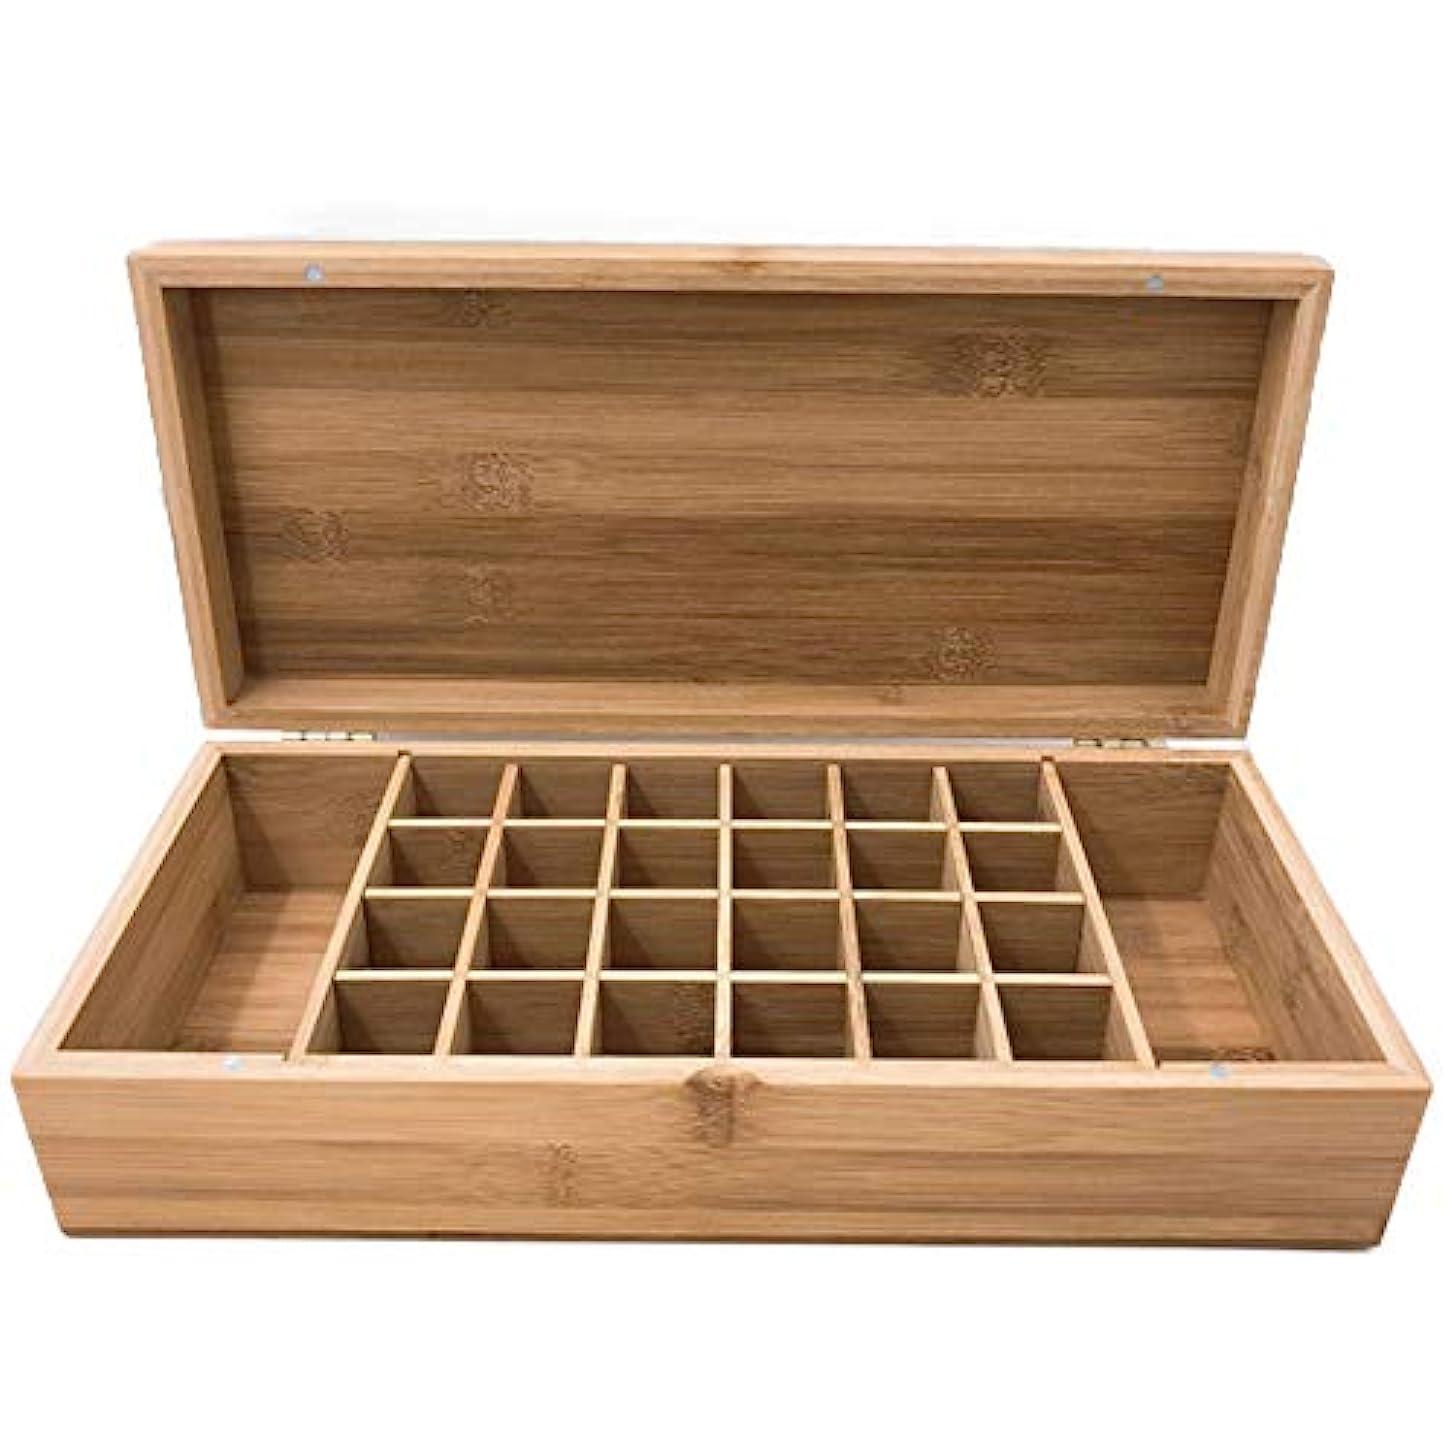 白雪姫お手入れアテンダントエッセンシャルオイル収納ボックス エッセンシャルオイルストレージボックスアロマセラピー油ボトル33.5x15x8.3cmのために26個のスロット木製主催キャリングケース (色 : Natural, サイズ : 33.5X15X8.3CM)